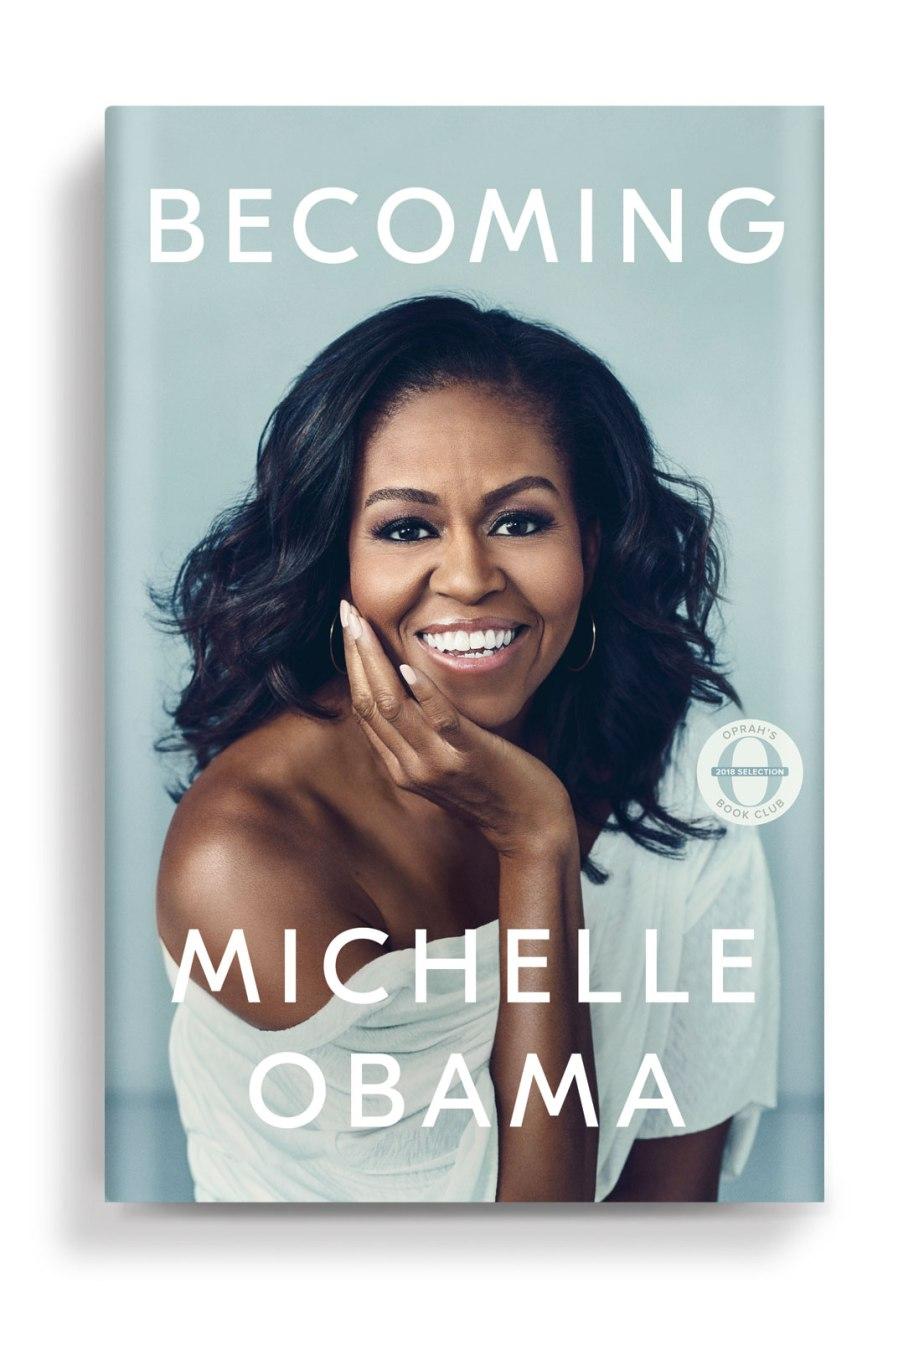 Becoming: la mia storia (MichelleObama)